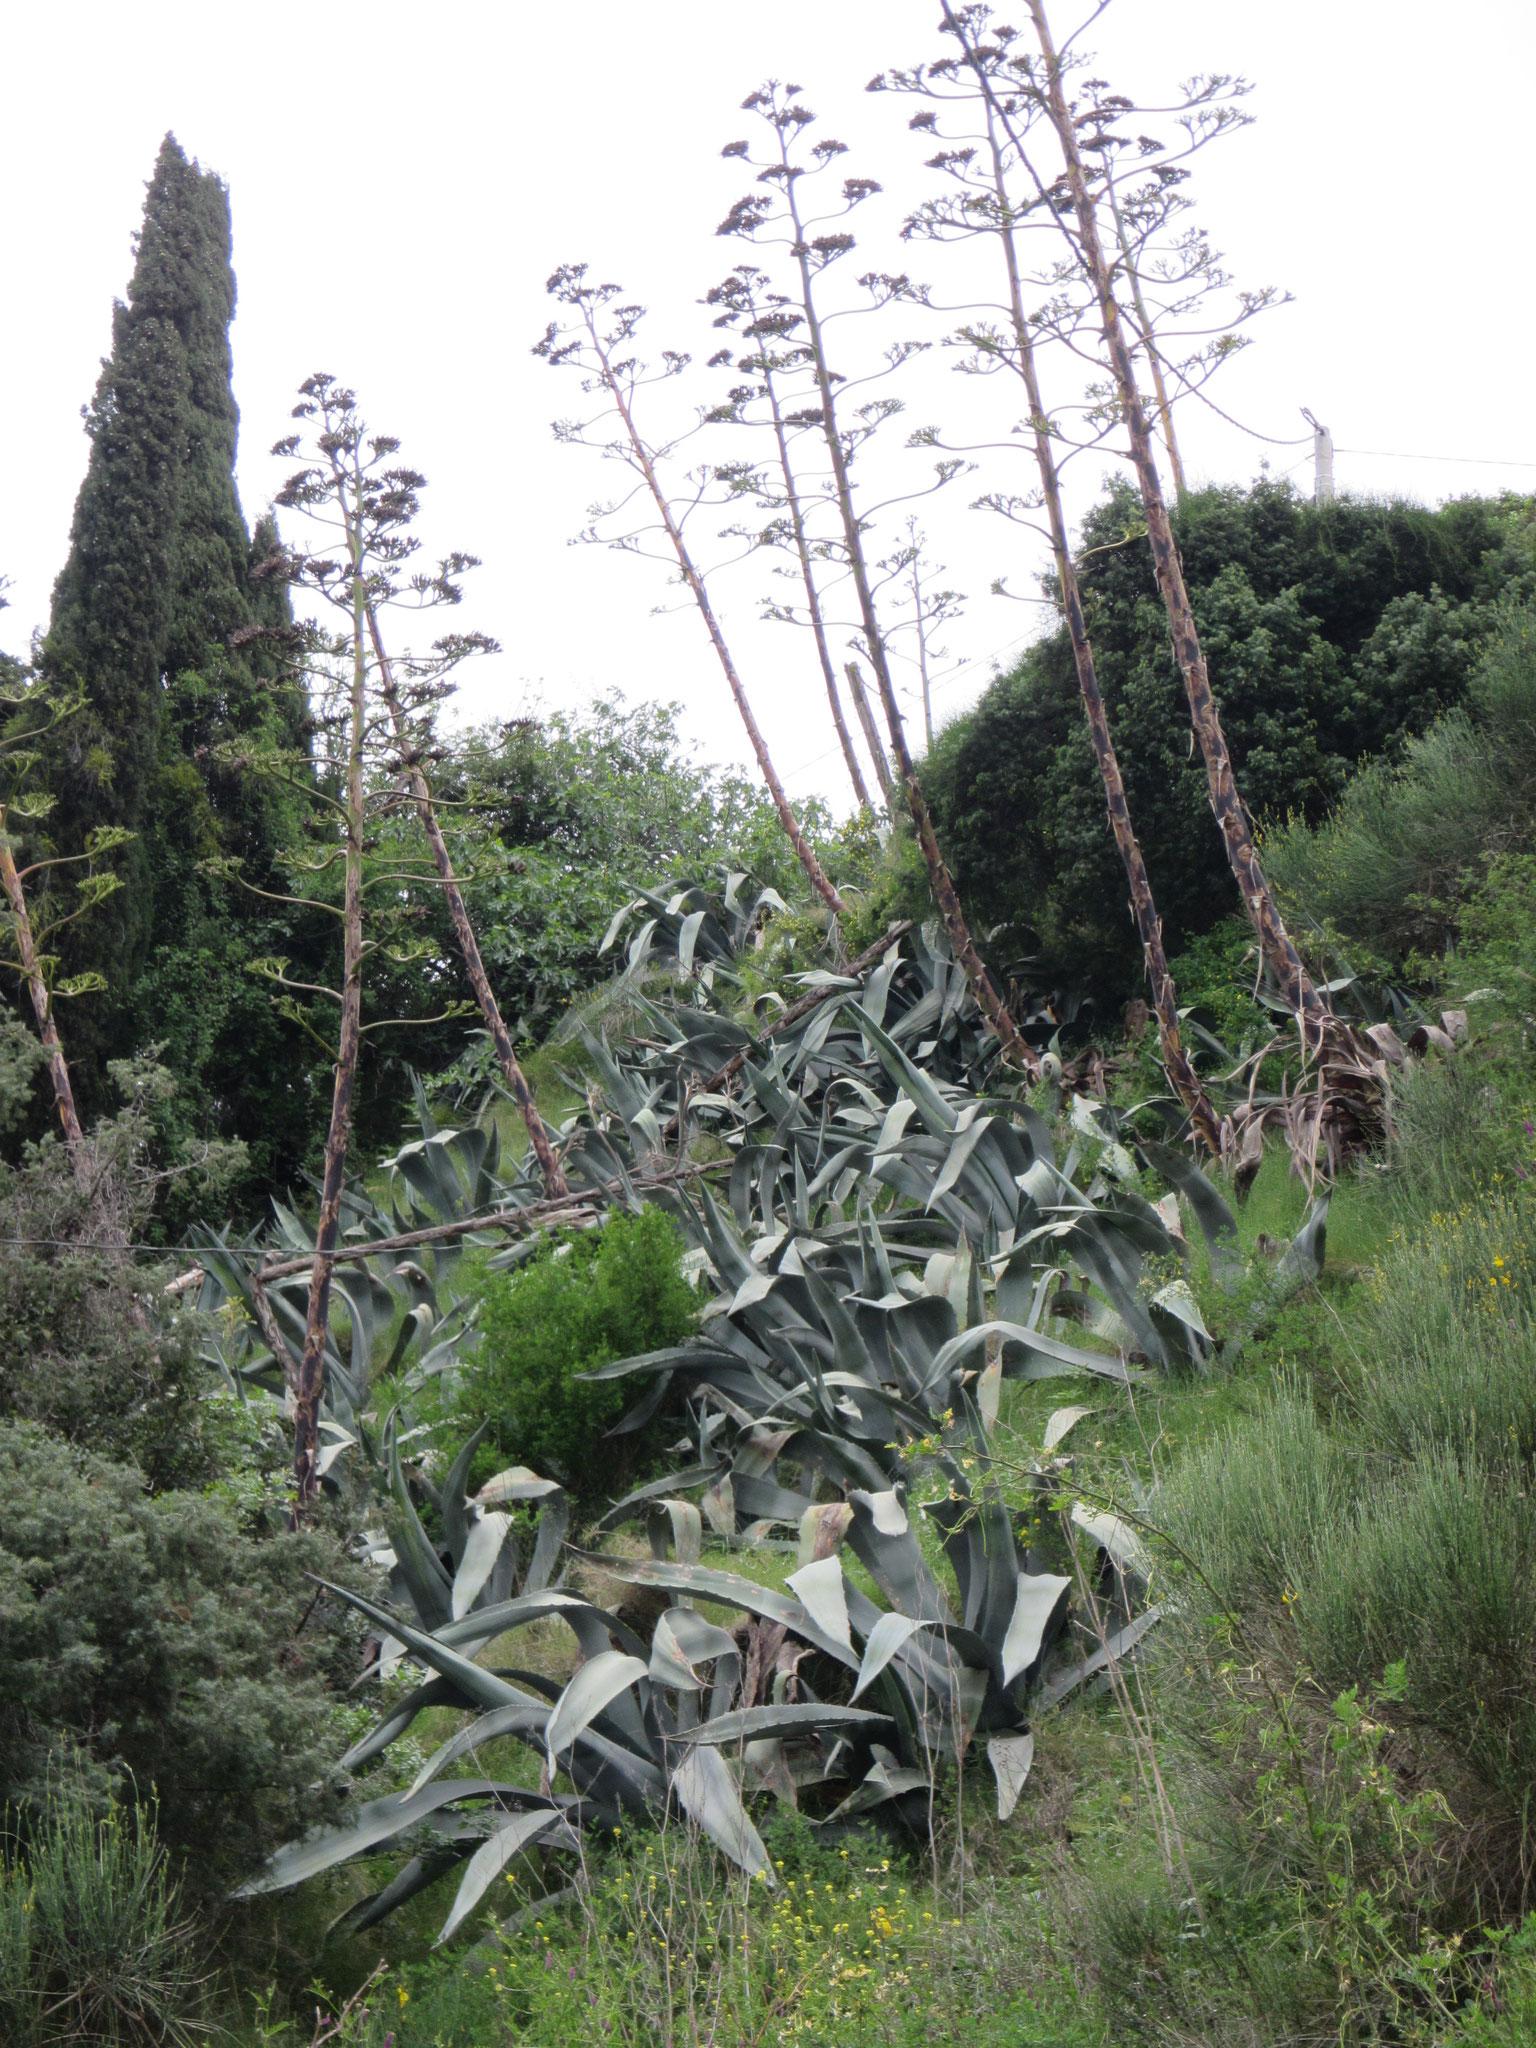 Riesige Aloevera Pflanzen wachsen einfach wild überall.